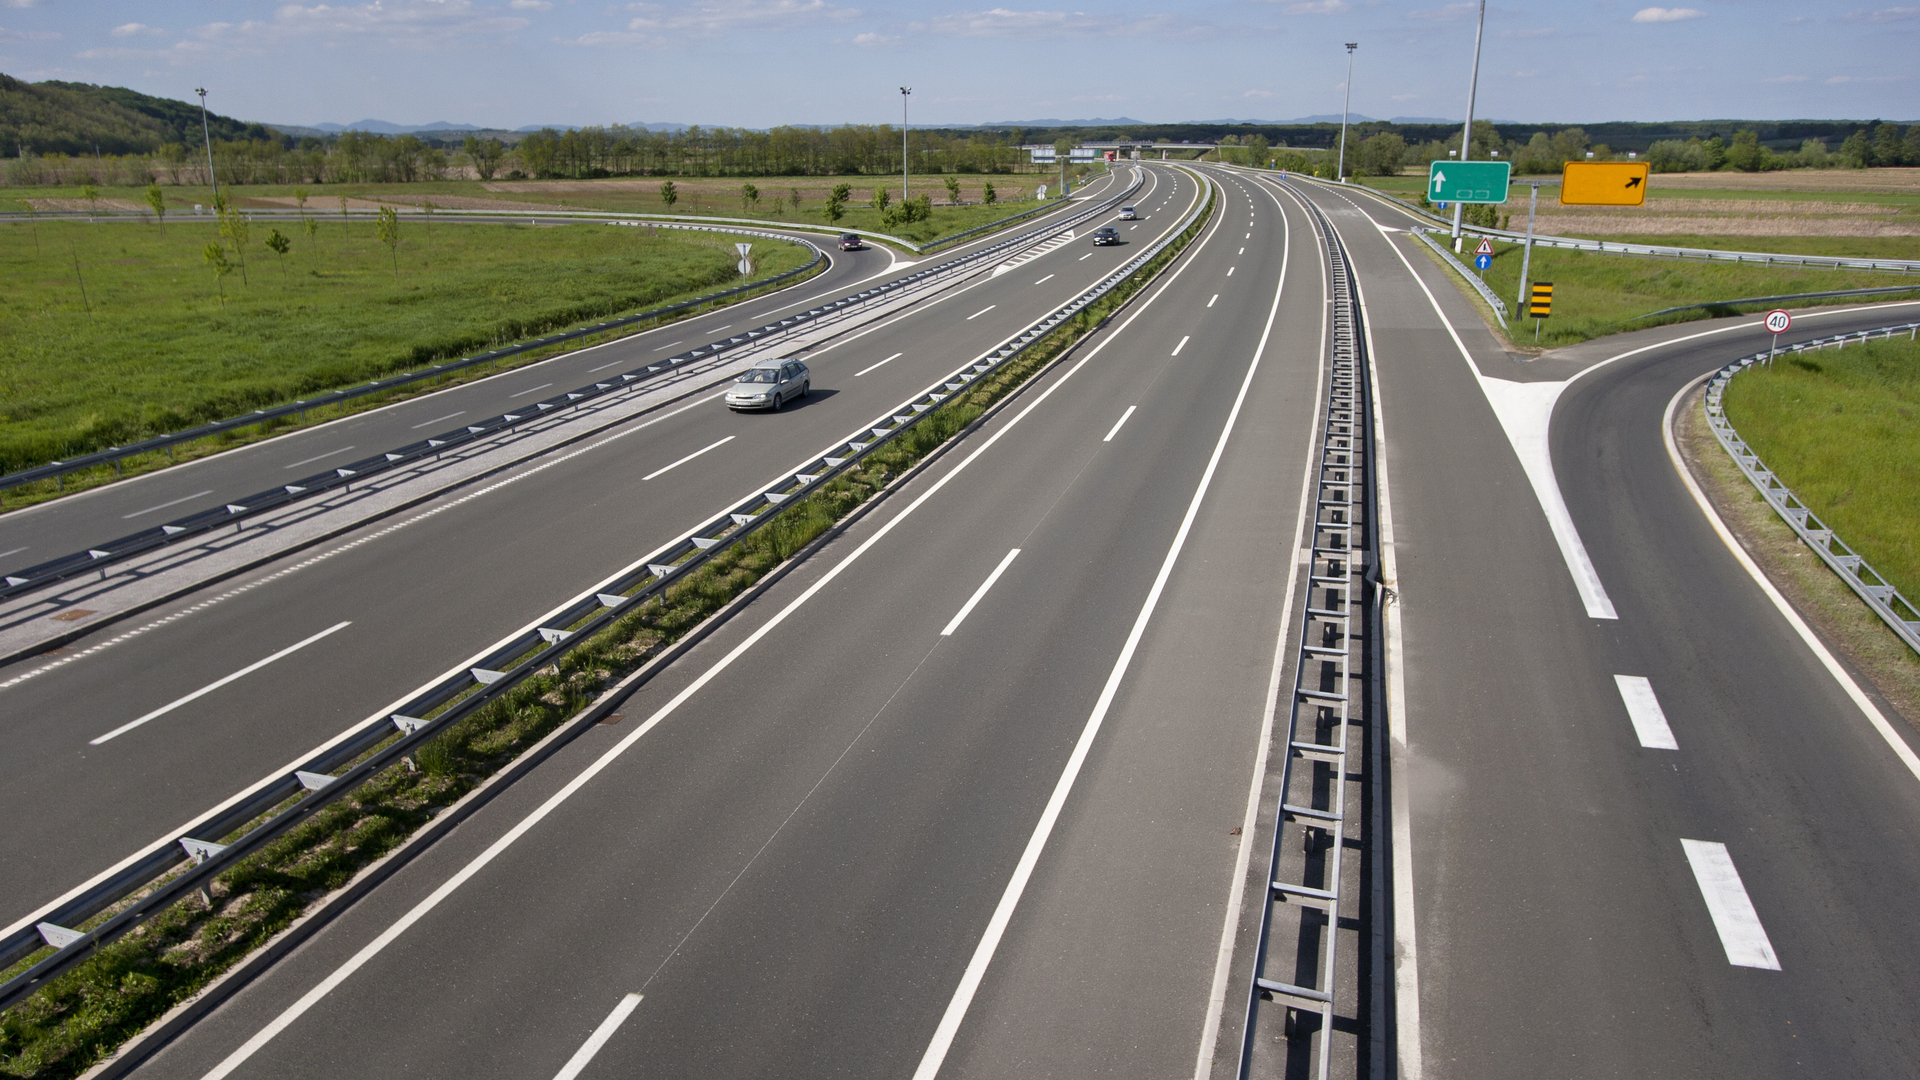 rodovias pista desaceleracao aceleracao